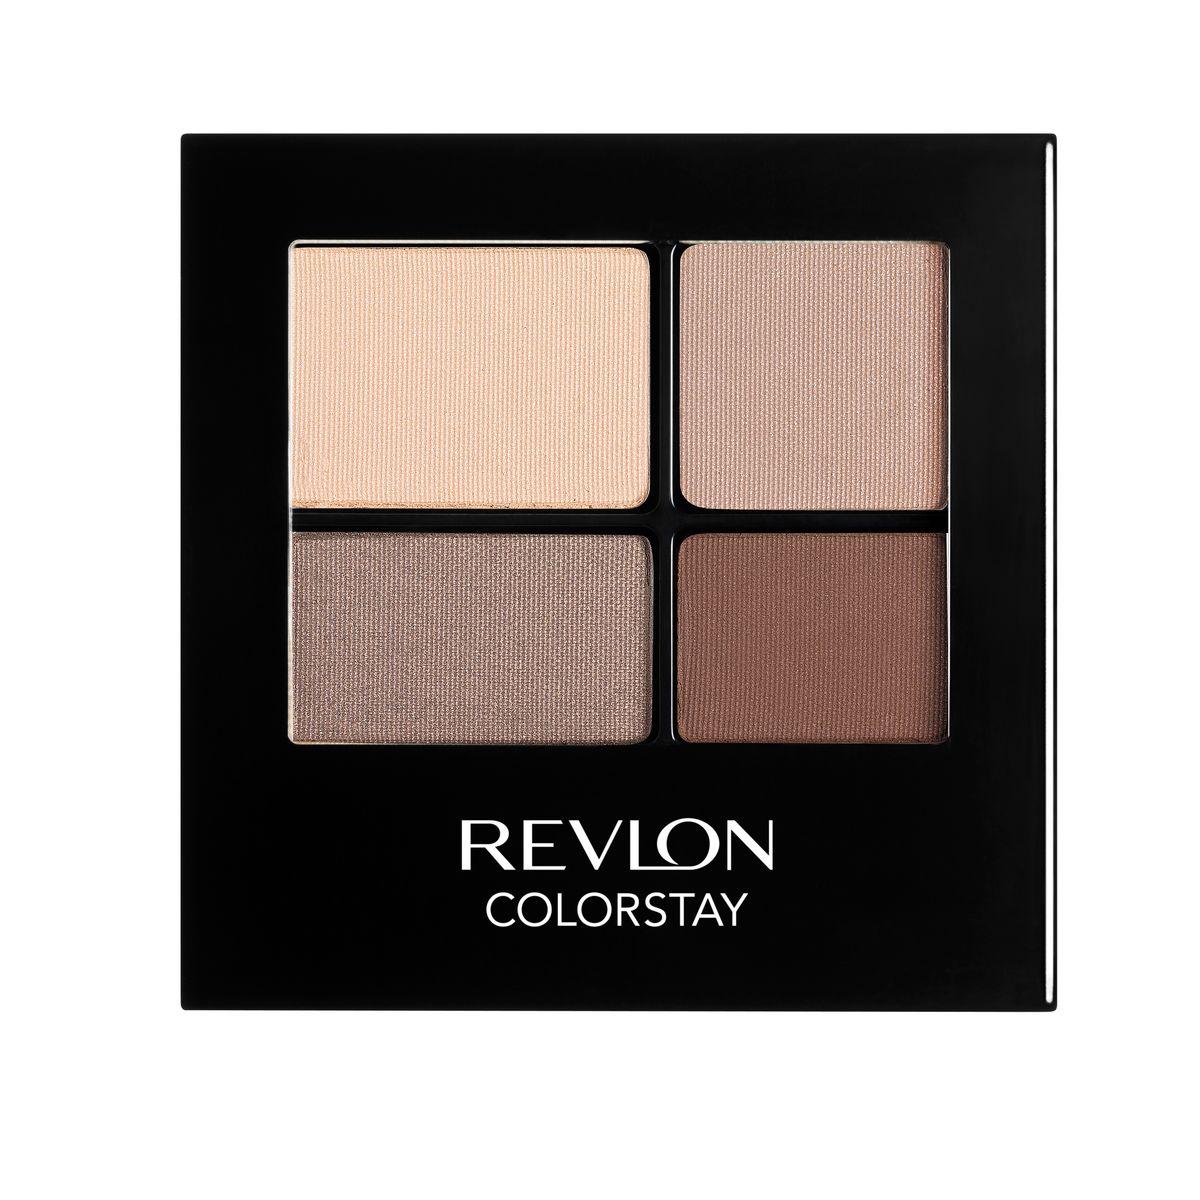 Revlon Тени для Век Четырехцветные Colorstay Eye16 Hour Eye Shadow Quad Addictive 500 42 г1301210Colorstay 16 Hour Sahdow - роскошные тени для век с шелковистой текстурой и невероятно стойкой формулой. Теперь ваш макияж сохранит свой безупречный вид не менее 16 часов! Все оттенки гармонично сочетаются друг с другом и легко смешиваются, позволяя создать бесконечное количество вариантов макияжа глаз: от нежных, естественных, едва заметных, до ярких, выразительных, драматических. На оборотной стороне продукта приведена схема нанесения.Аккуратно нанести на веки специальной кисточкой.